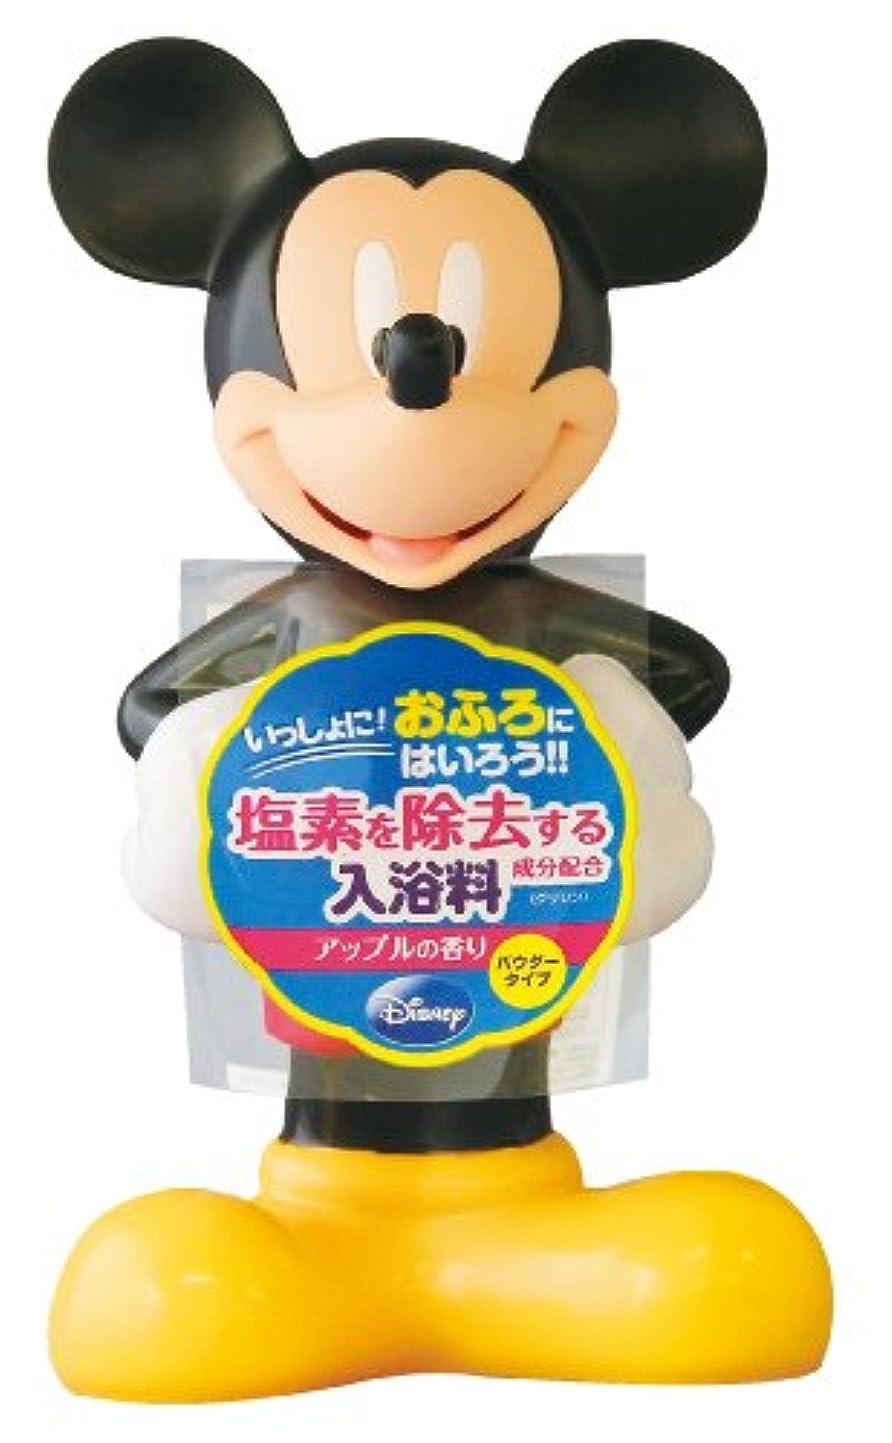 値するバケツほこりディズニー バスタイム 3D入浴料 ミッキーマウス 180g